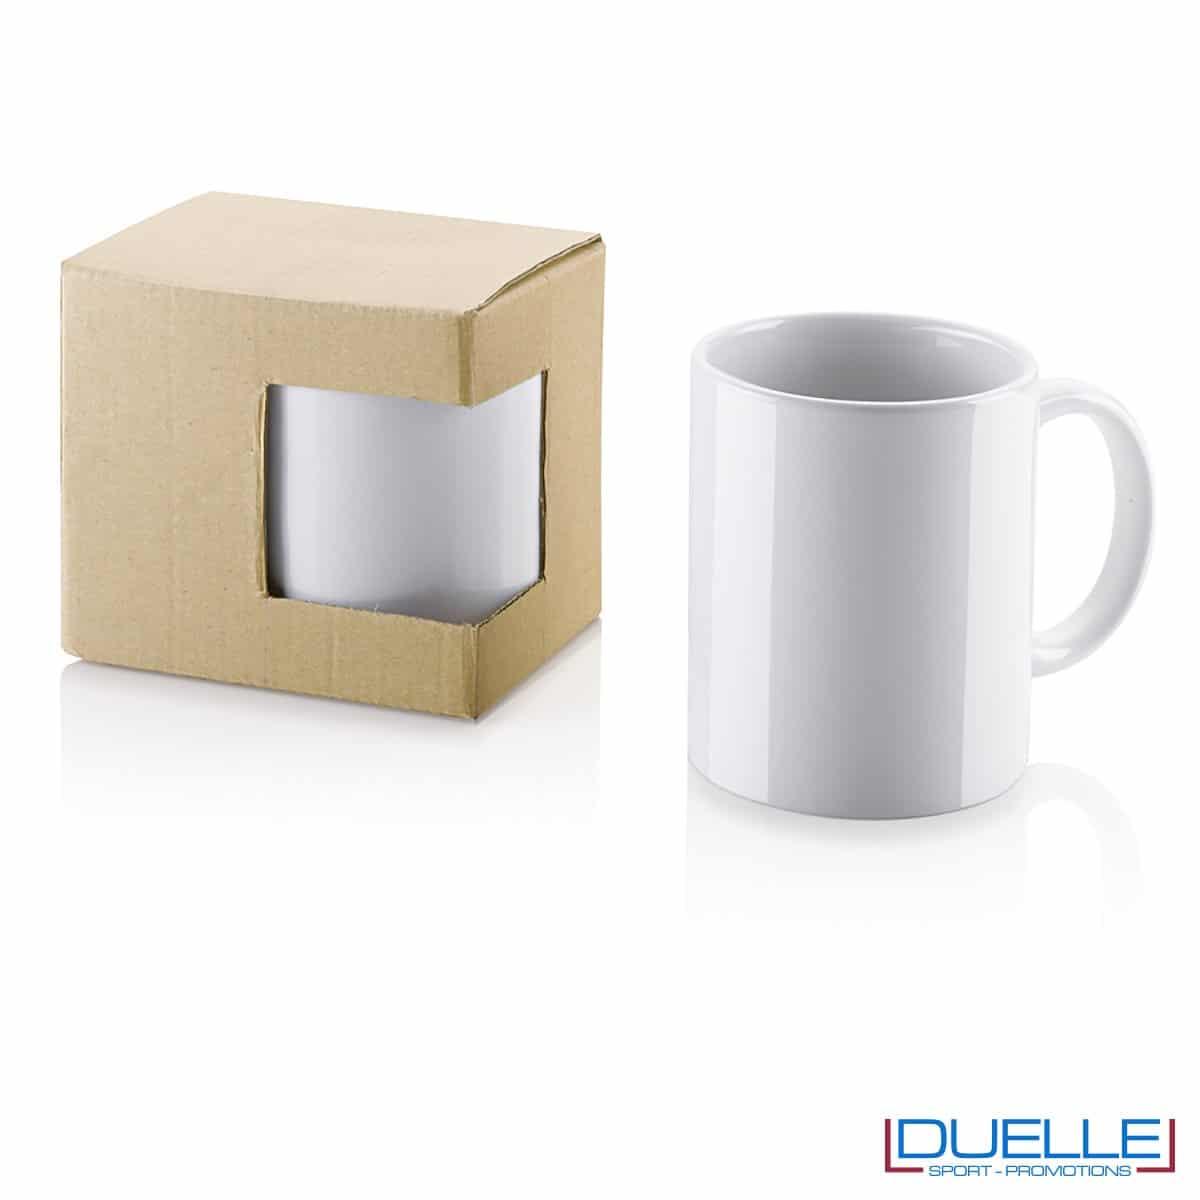 Tazza in ceramica personalizzata promozionale con confezione in cartoncino